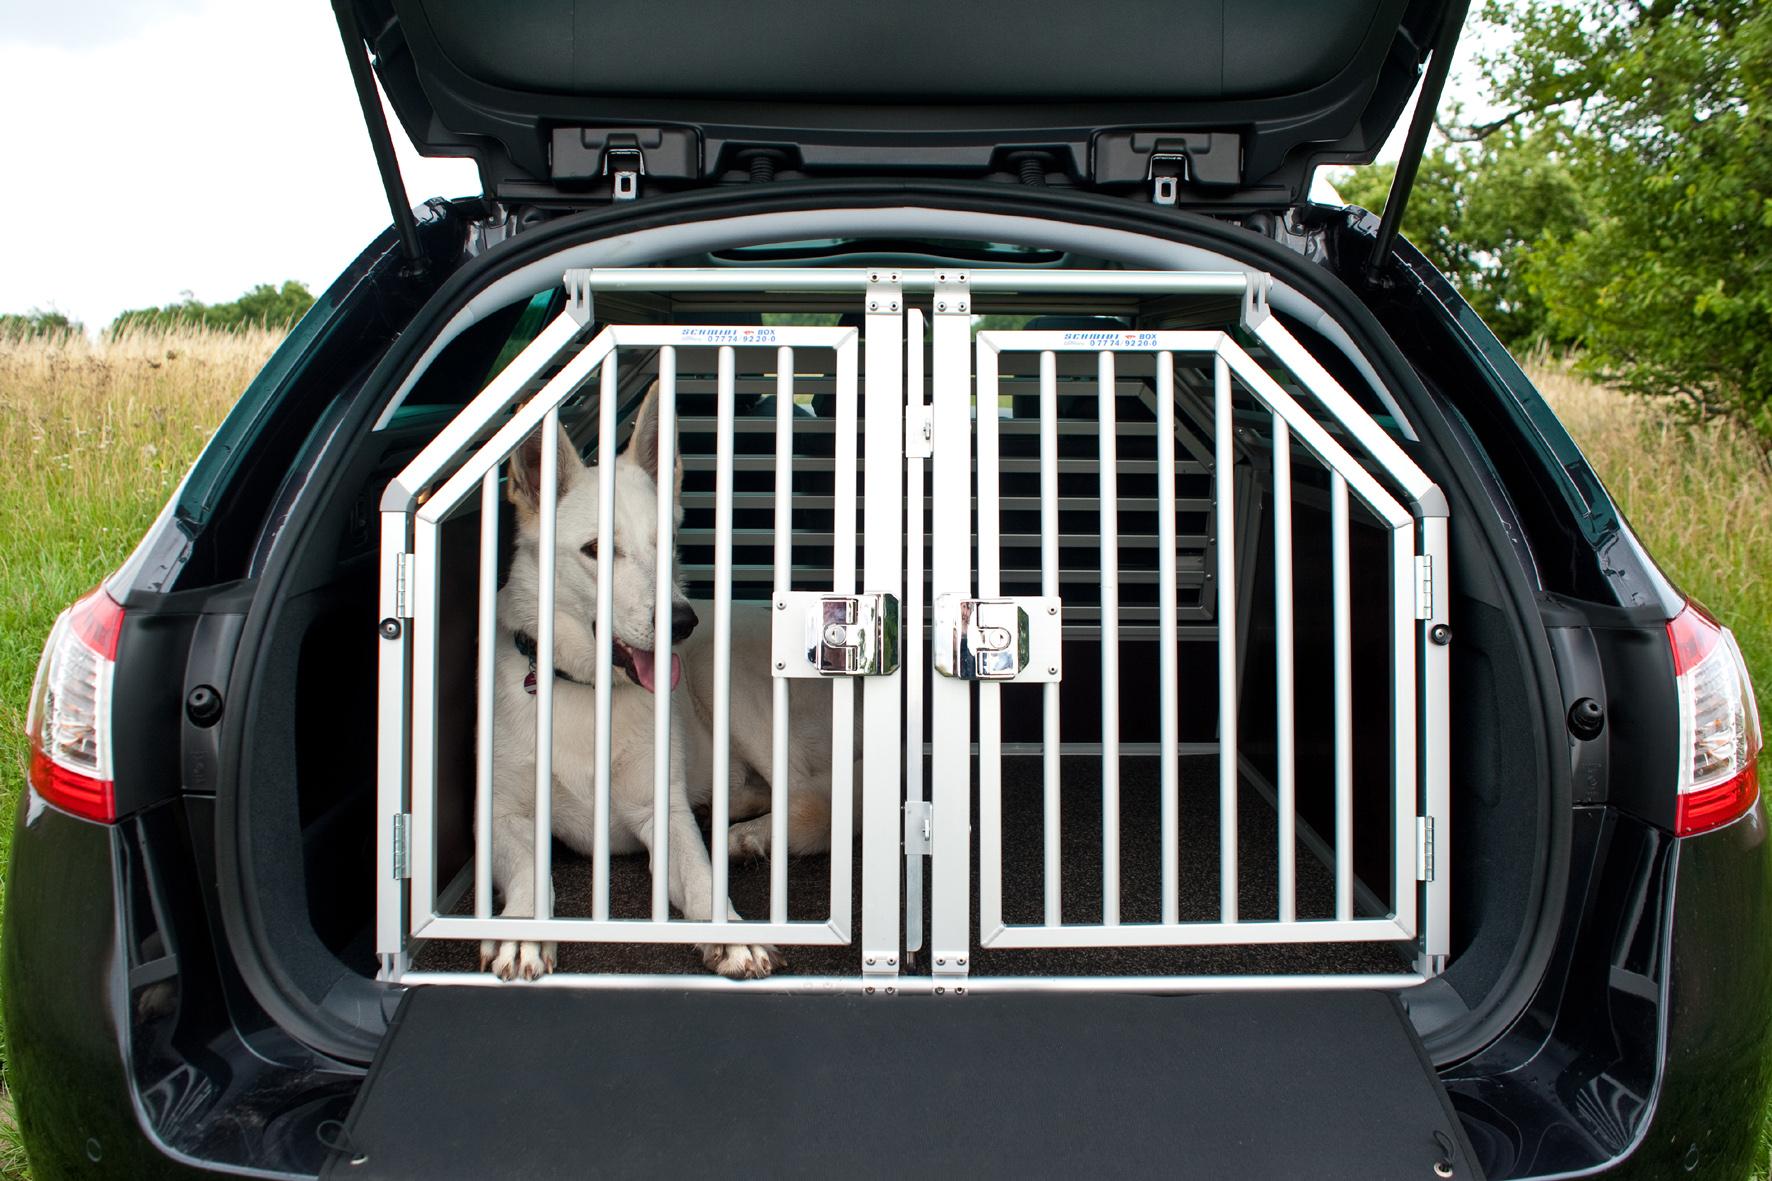 Haustiere an Bord: Im Sommer droht dem Hund der Hitzetod